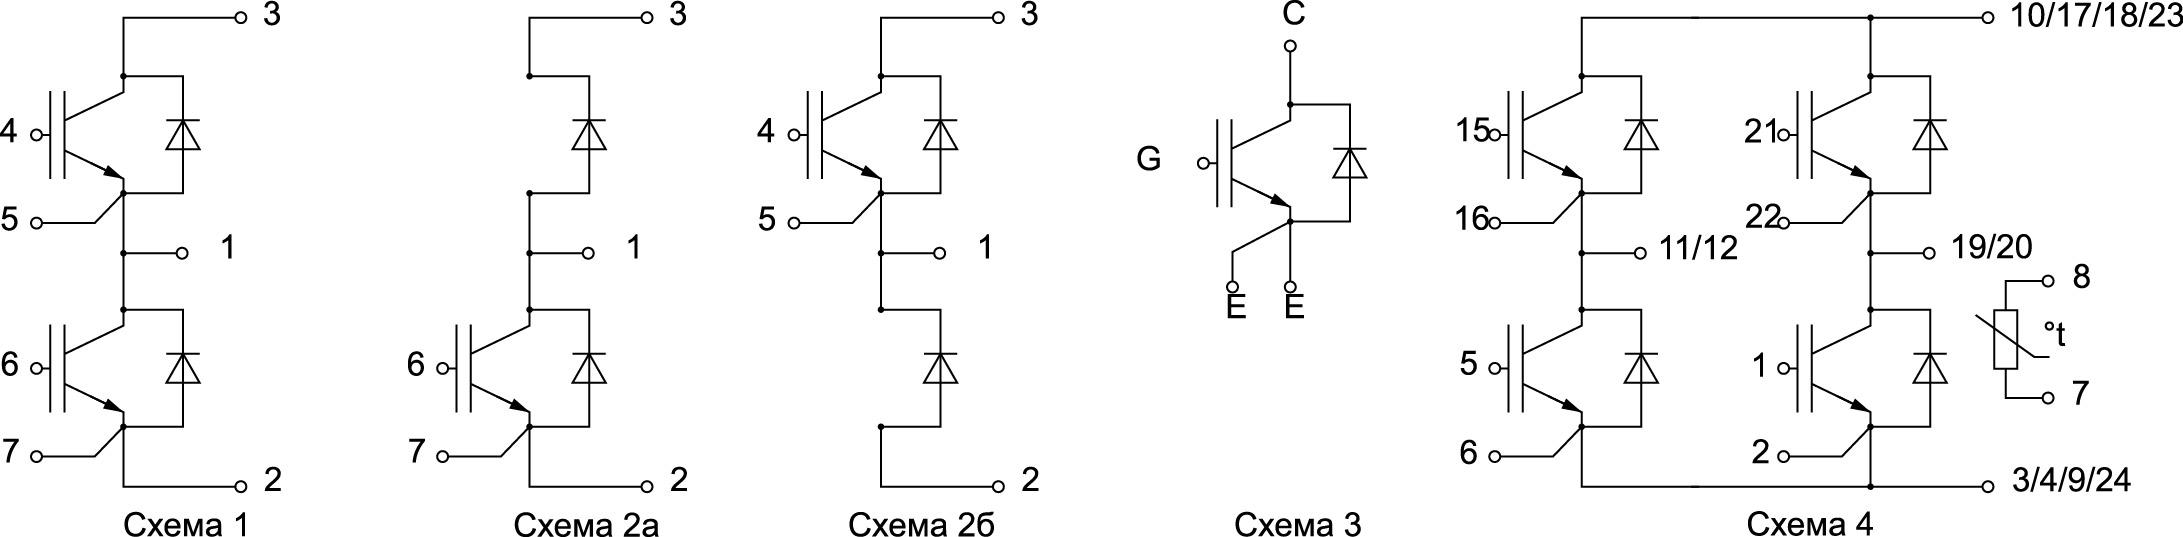 Конфигурация силовых IGBT-модулей от SemiPowerex